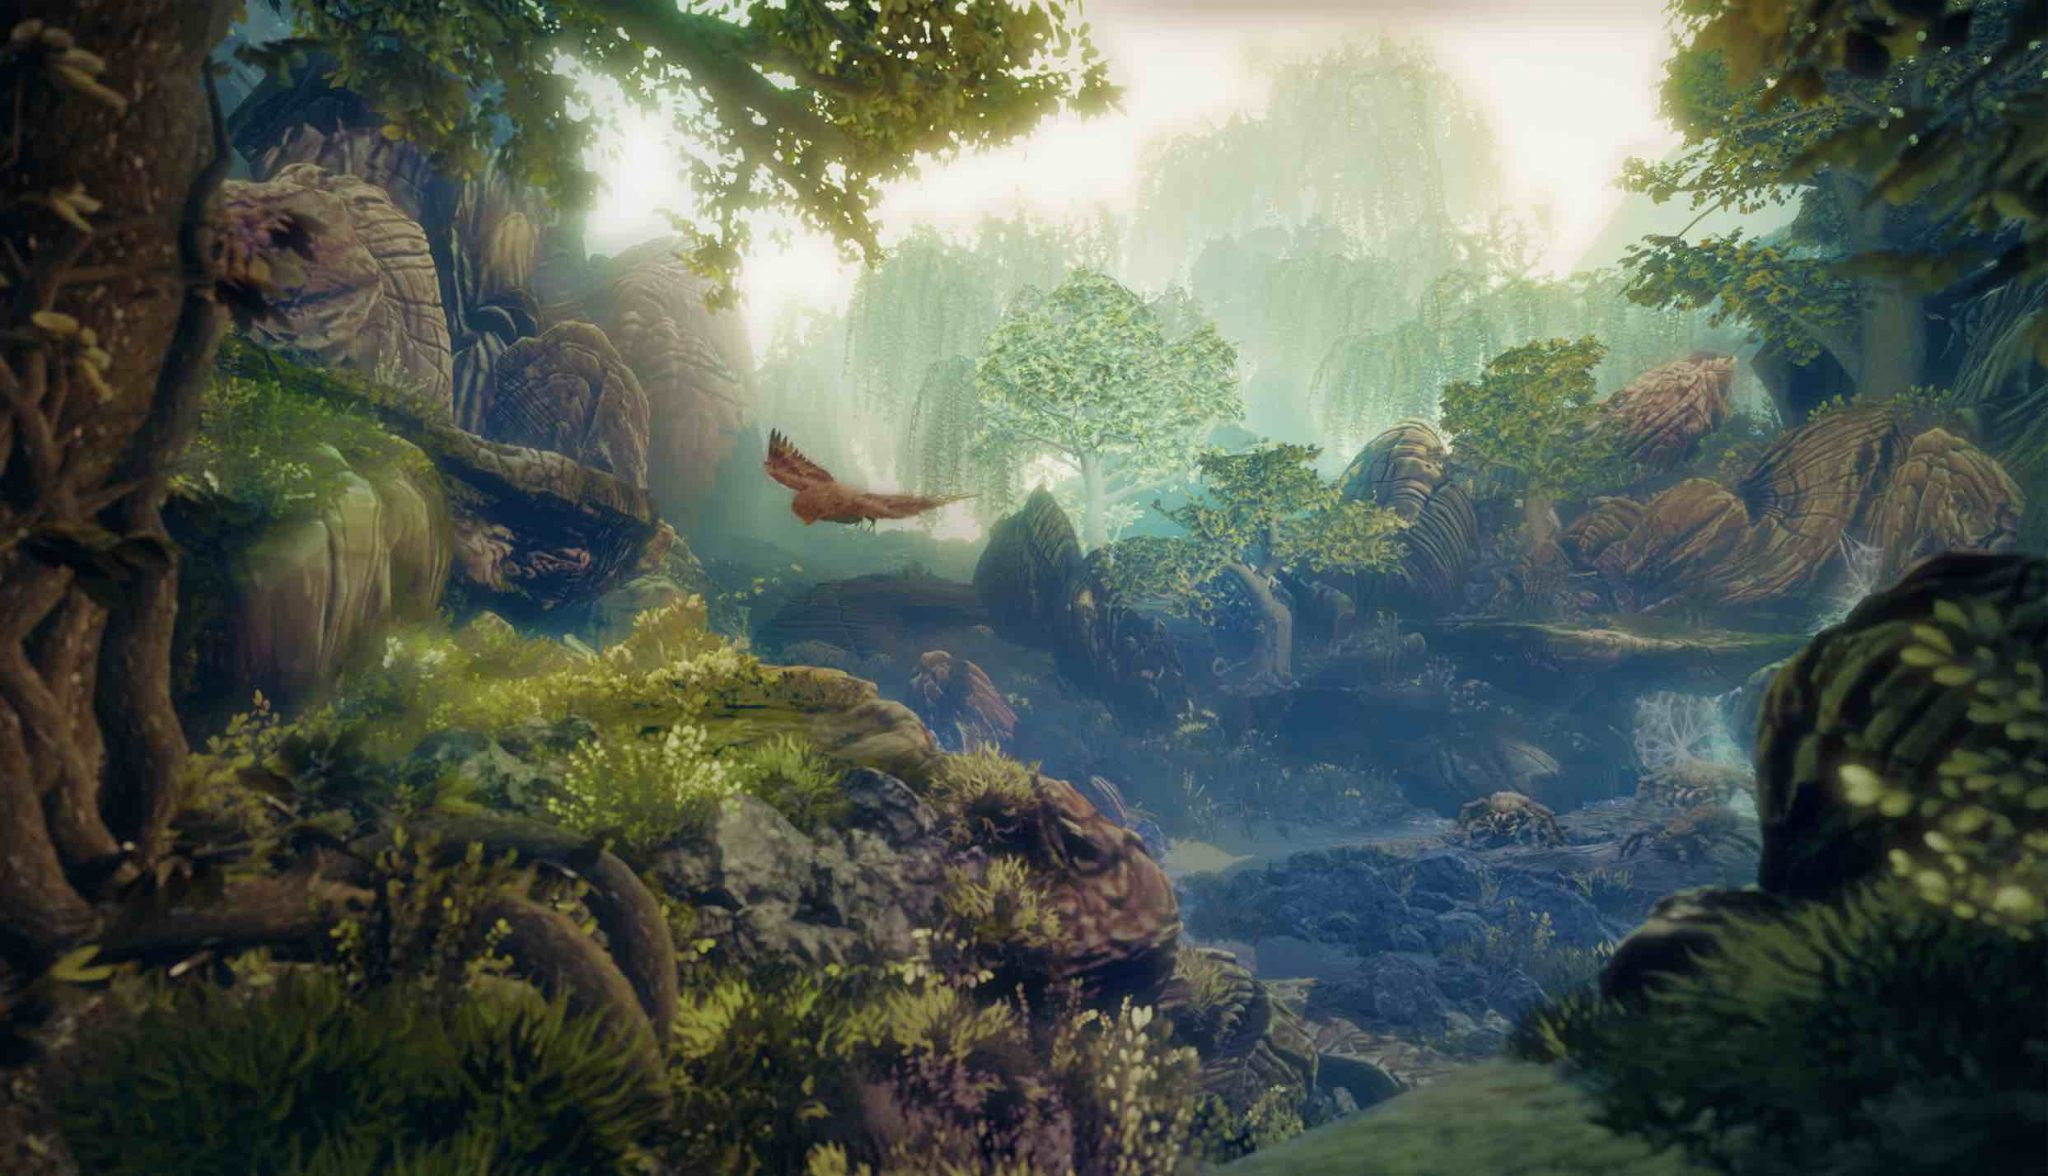 imagen de El Señor de Los Anillos Gollum videojuego PS5 Xbox Series X PC